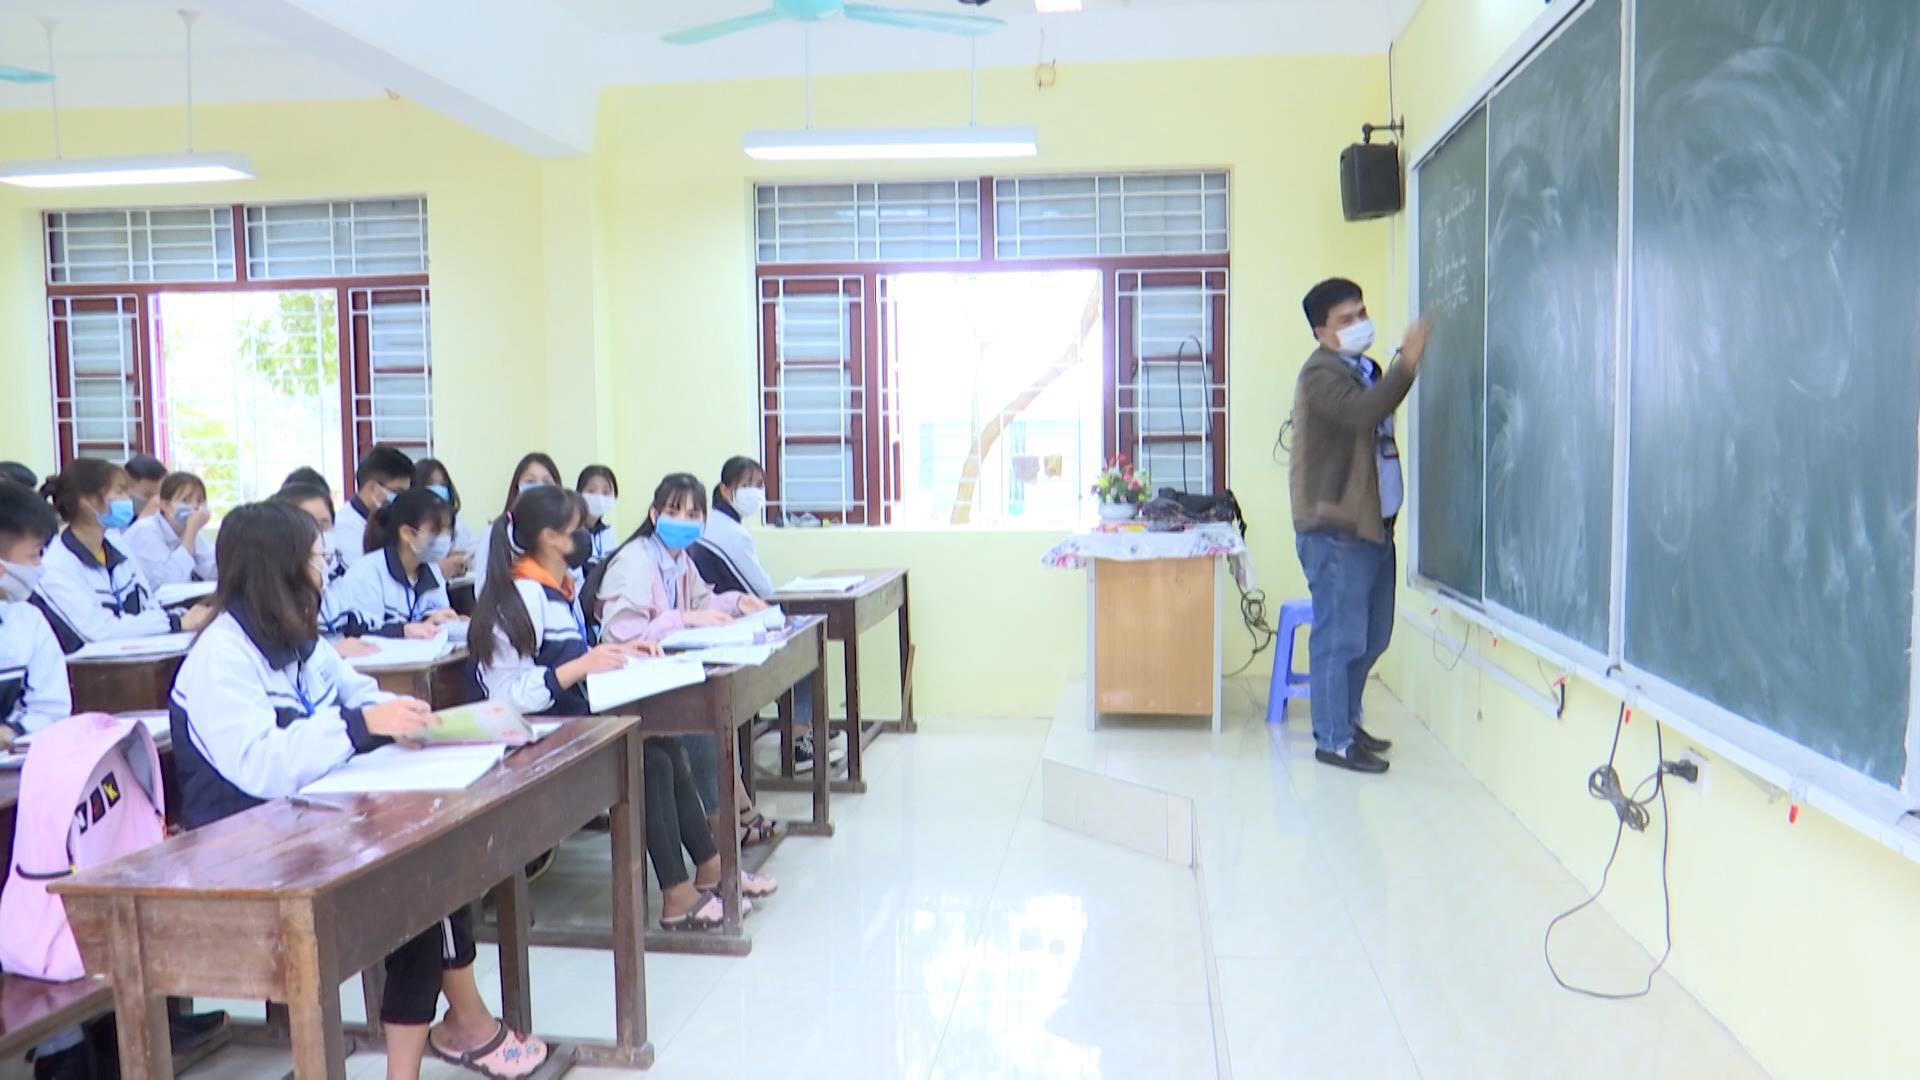 Bắc Ninh, học sinh ngày đầu đến lớp và giải pháp đảm bảo an toàn trường học